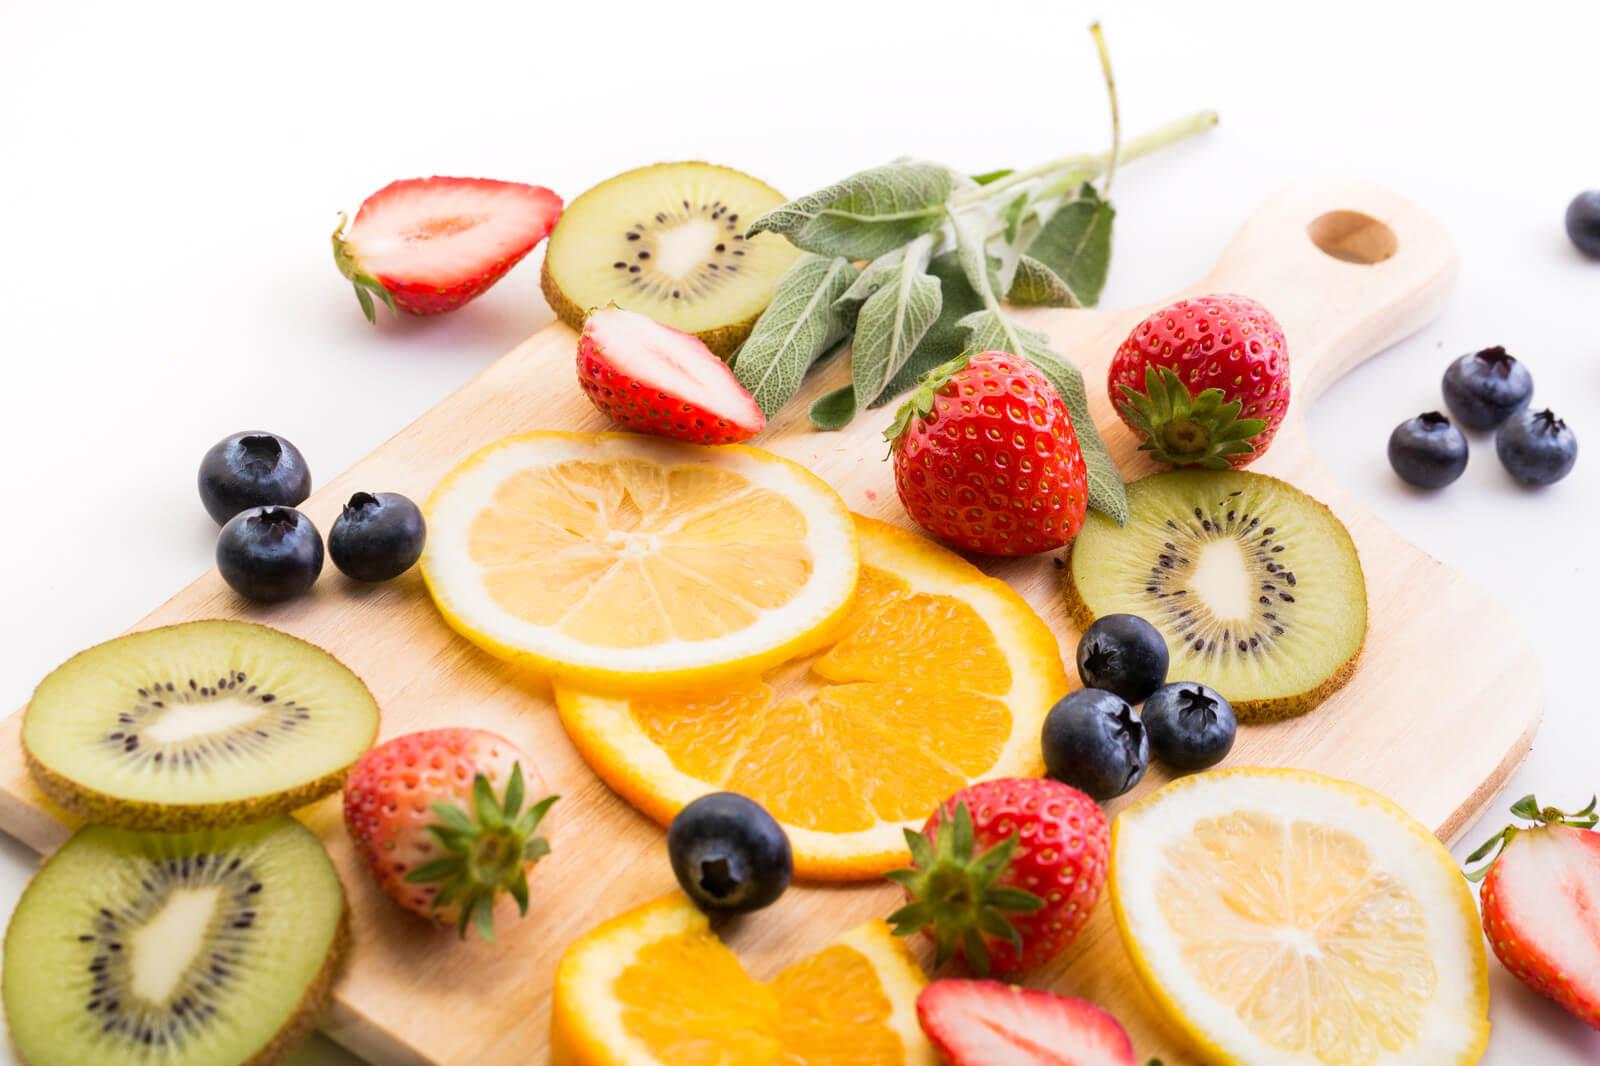 フルーツデトックスを始めよう!細マッチョを作るフルーツの食べ方とルール